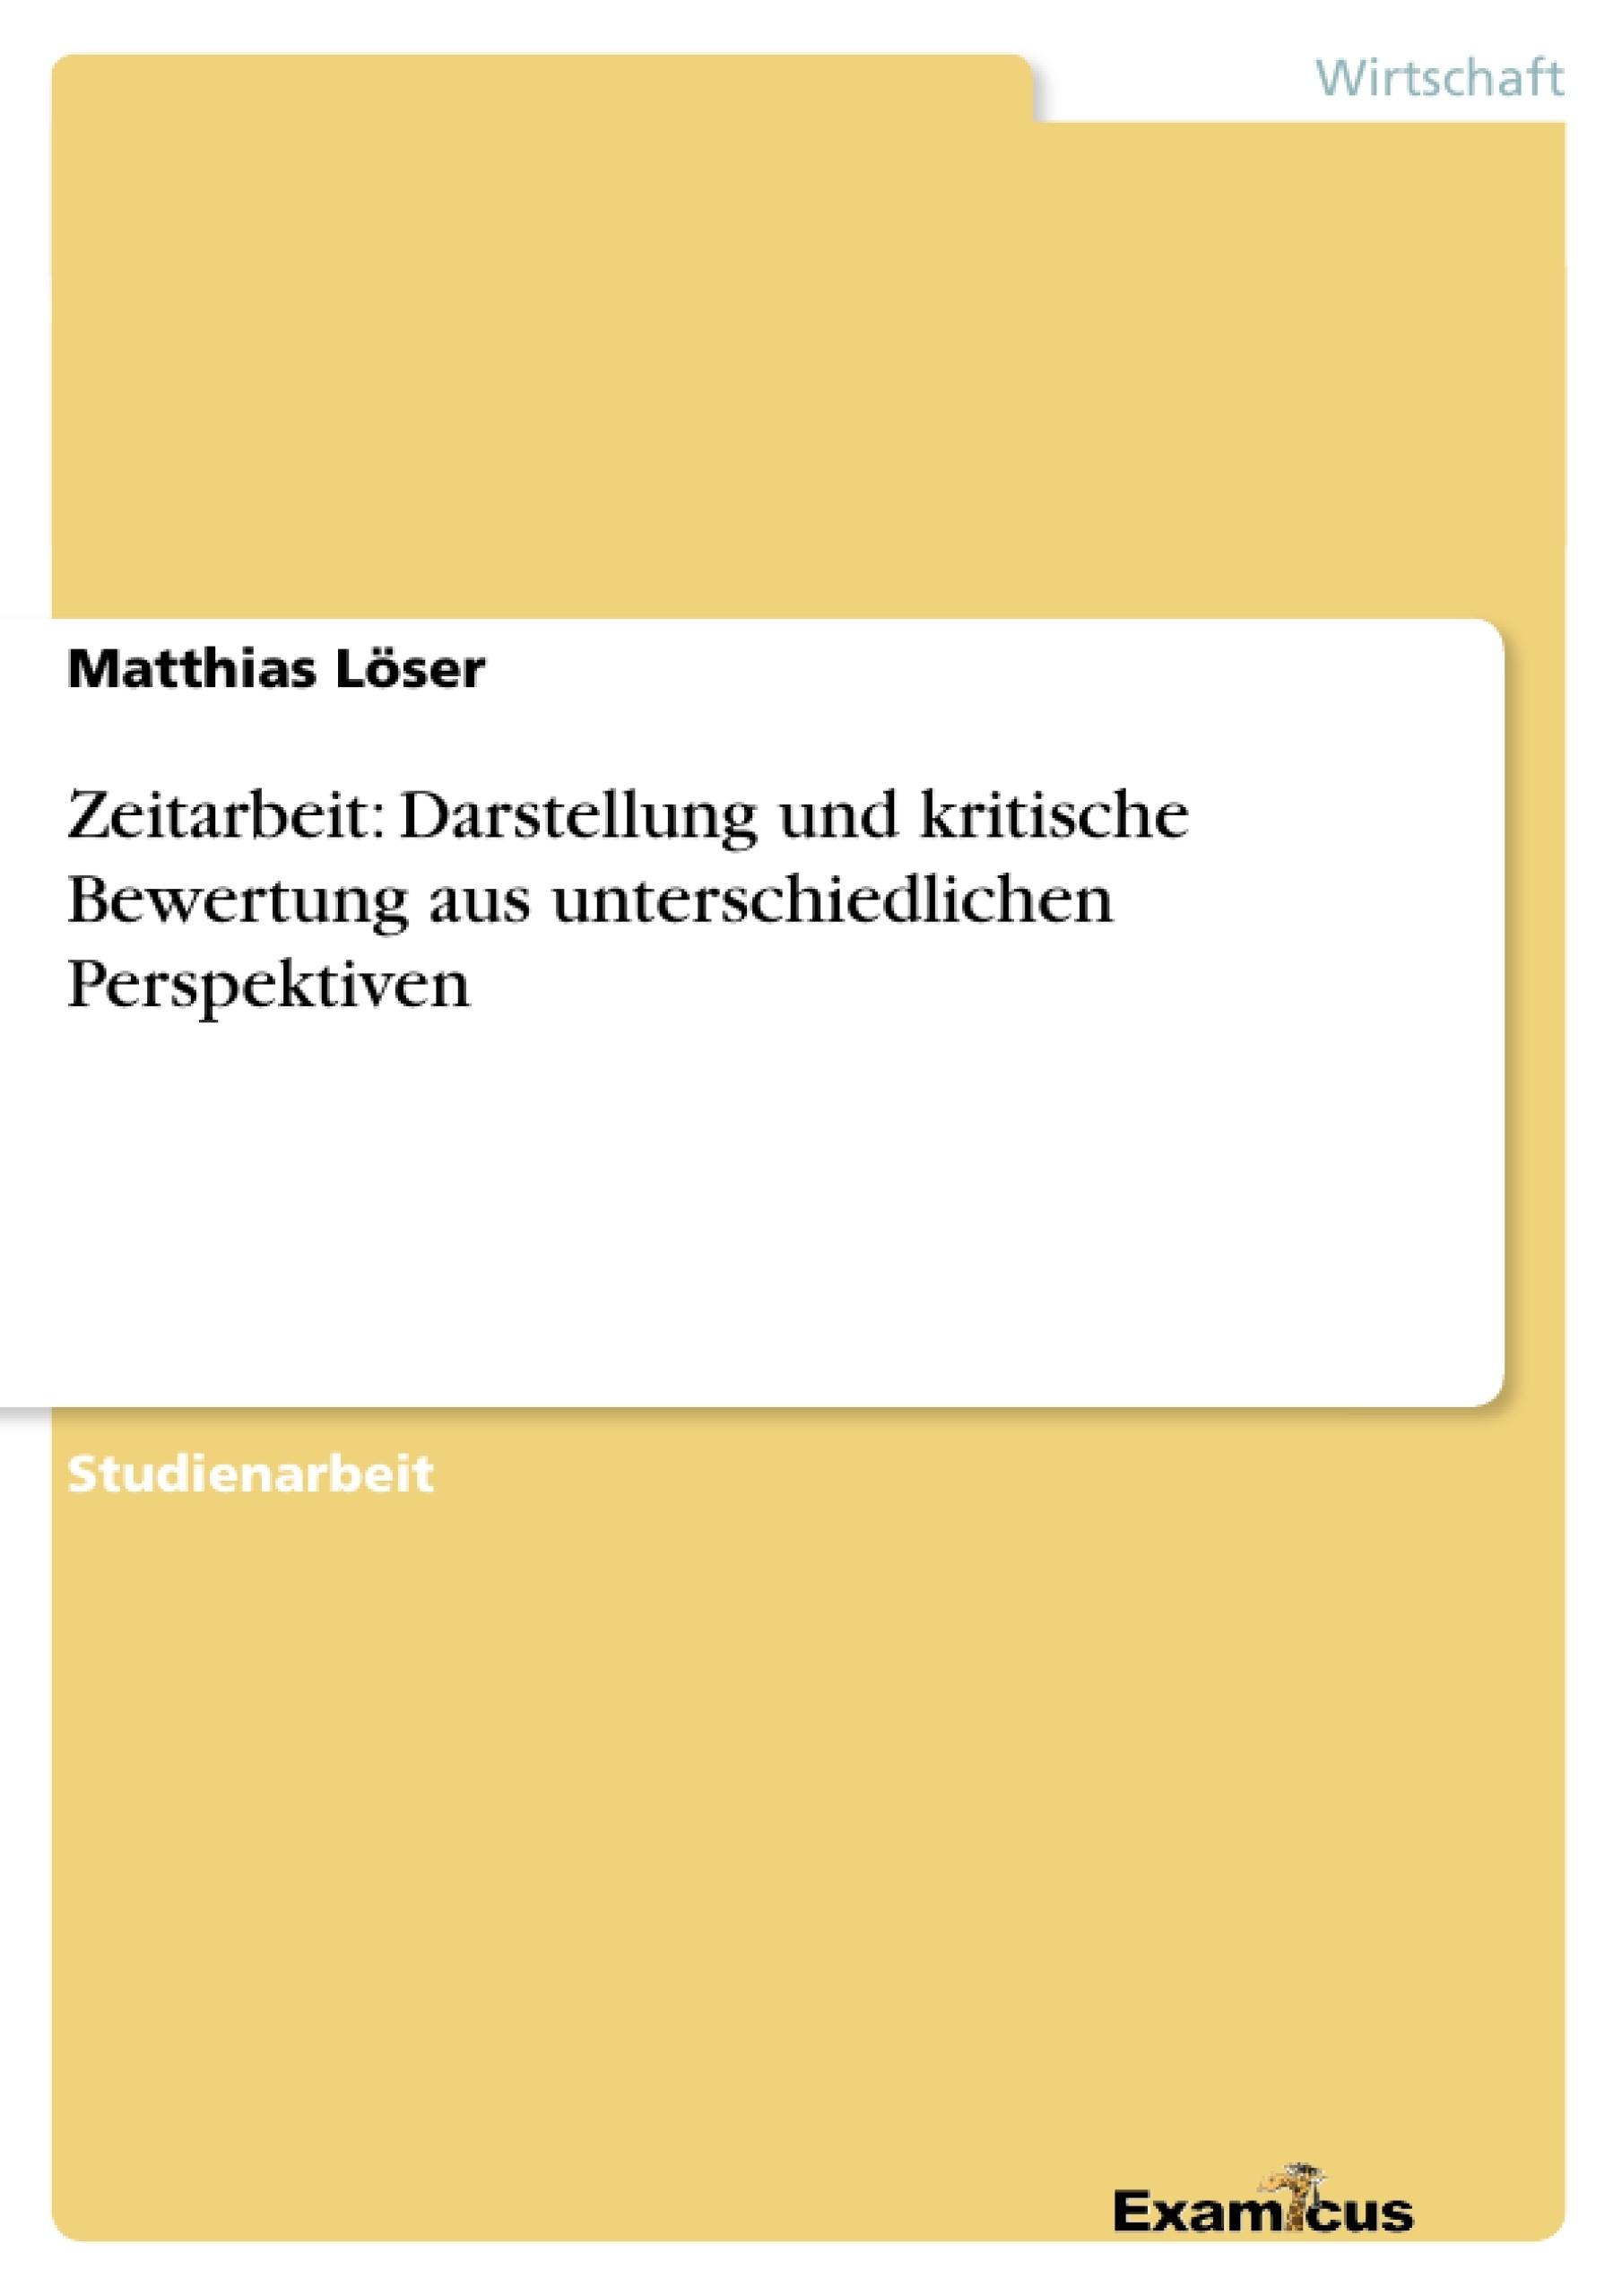 Titel: Zeitarbeit: Darstellung und kritische Bewertung aus unterschiedlichen Perspektiven